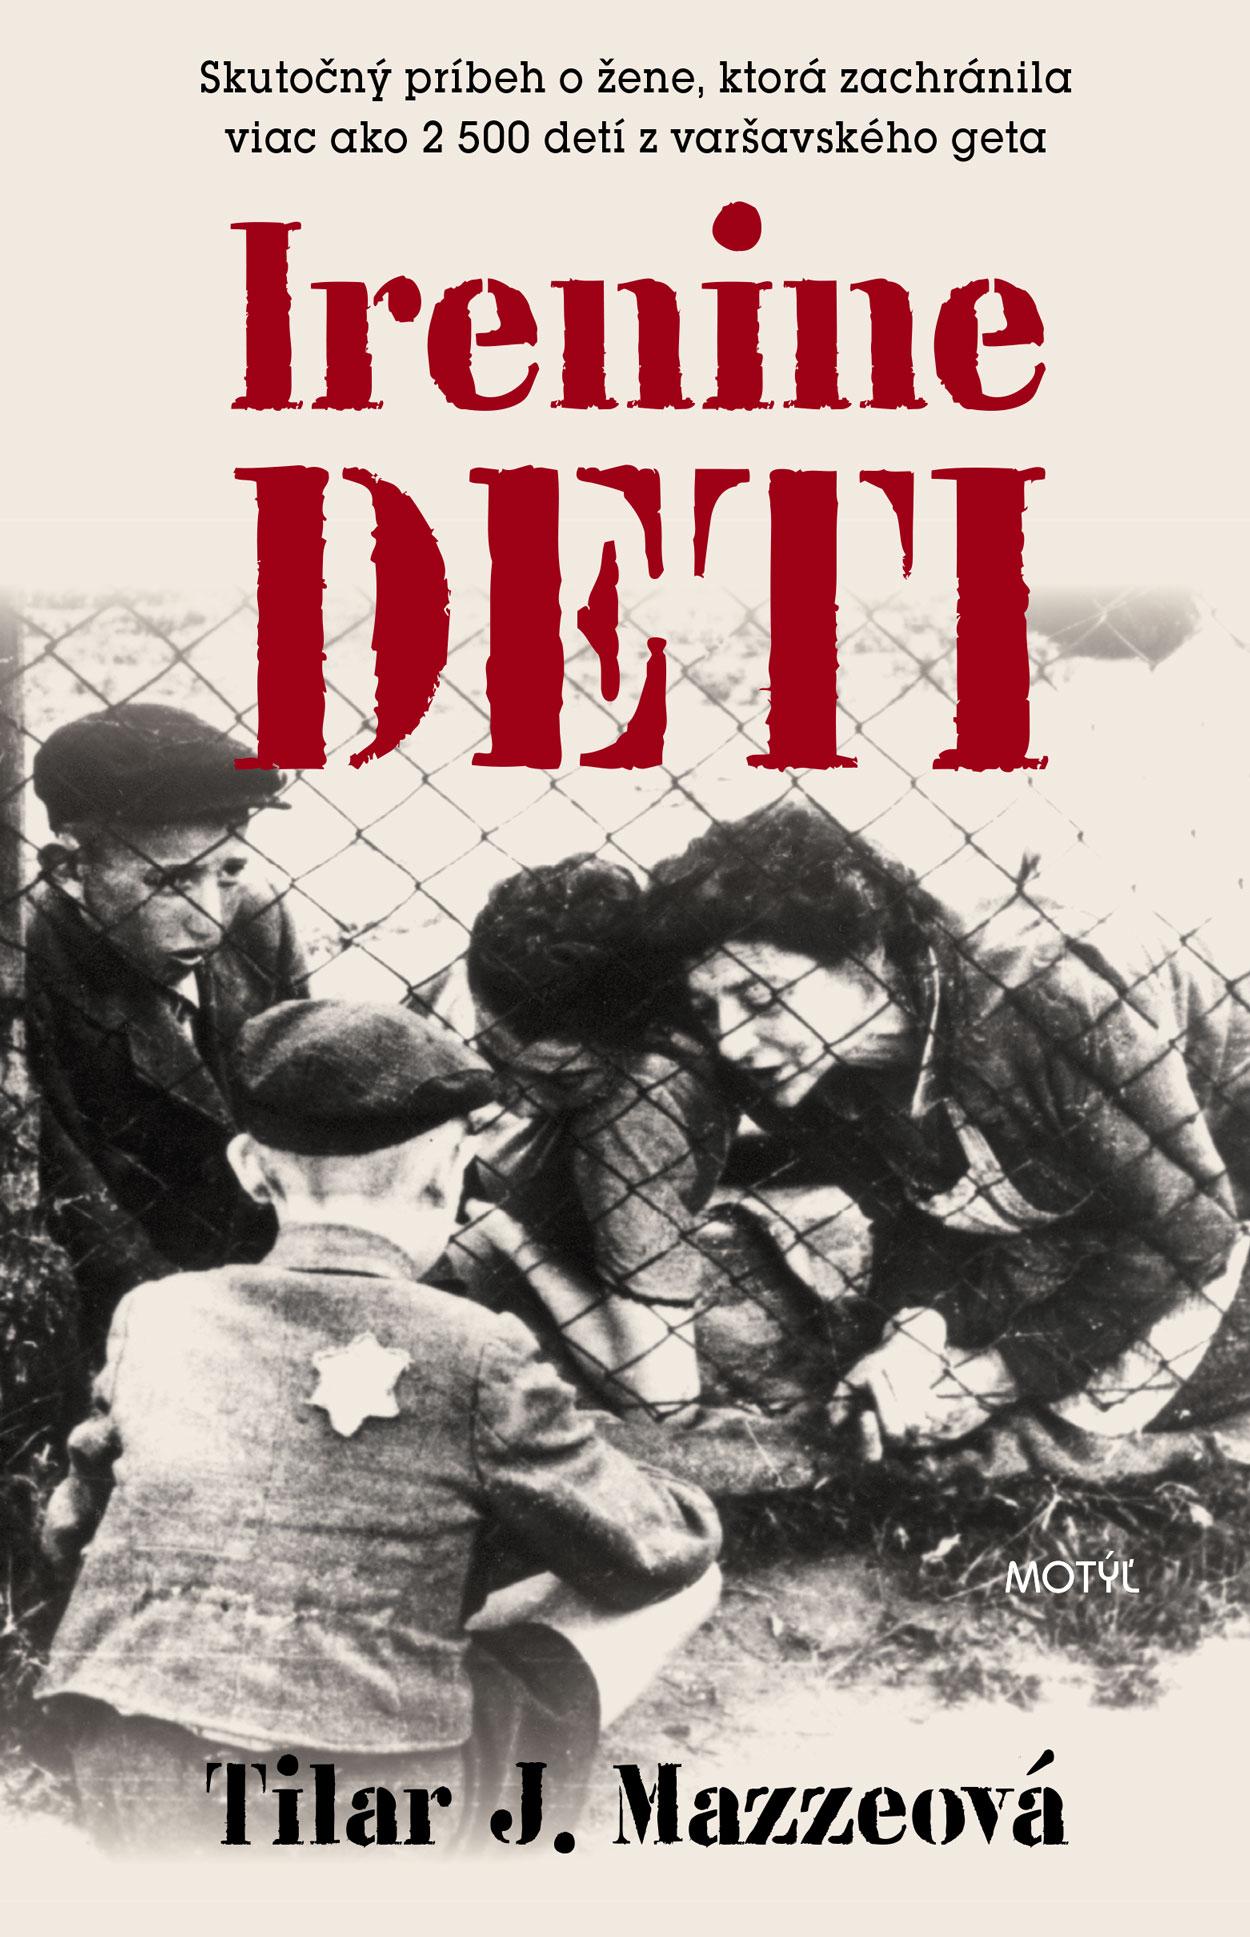 Irenine deti - Nezvyčajný príbeh o žene, ktorá zachránila 2 500 detí z varšavského geta